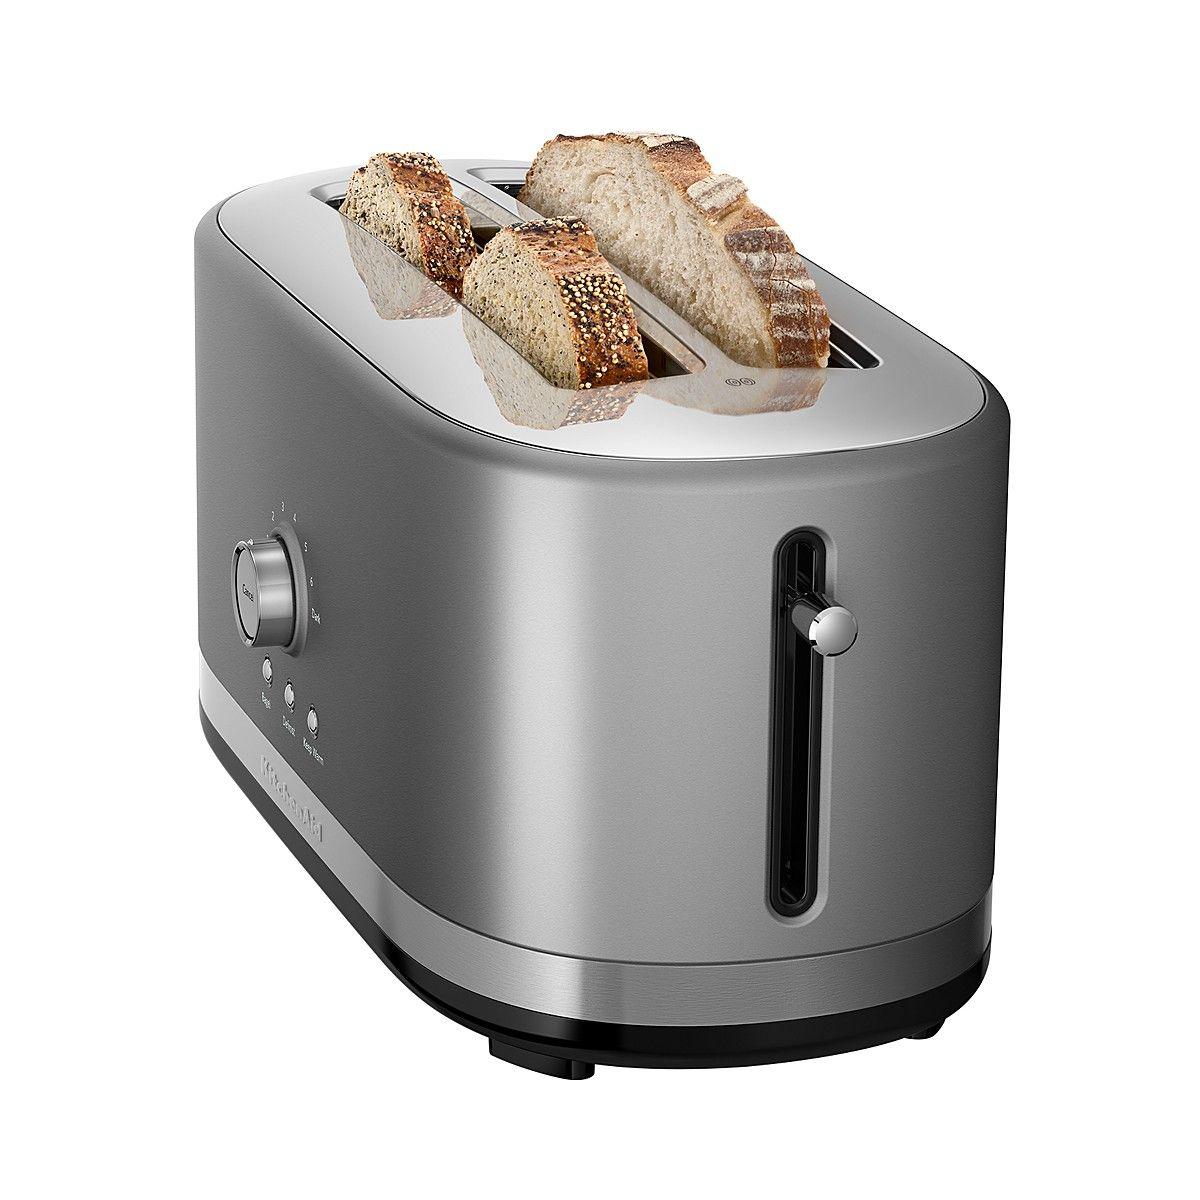 Cuisinartkitchenaid toasters toaster ovens